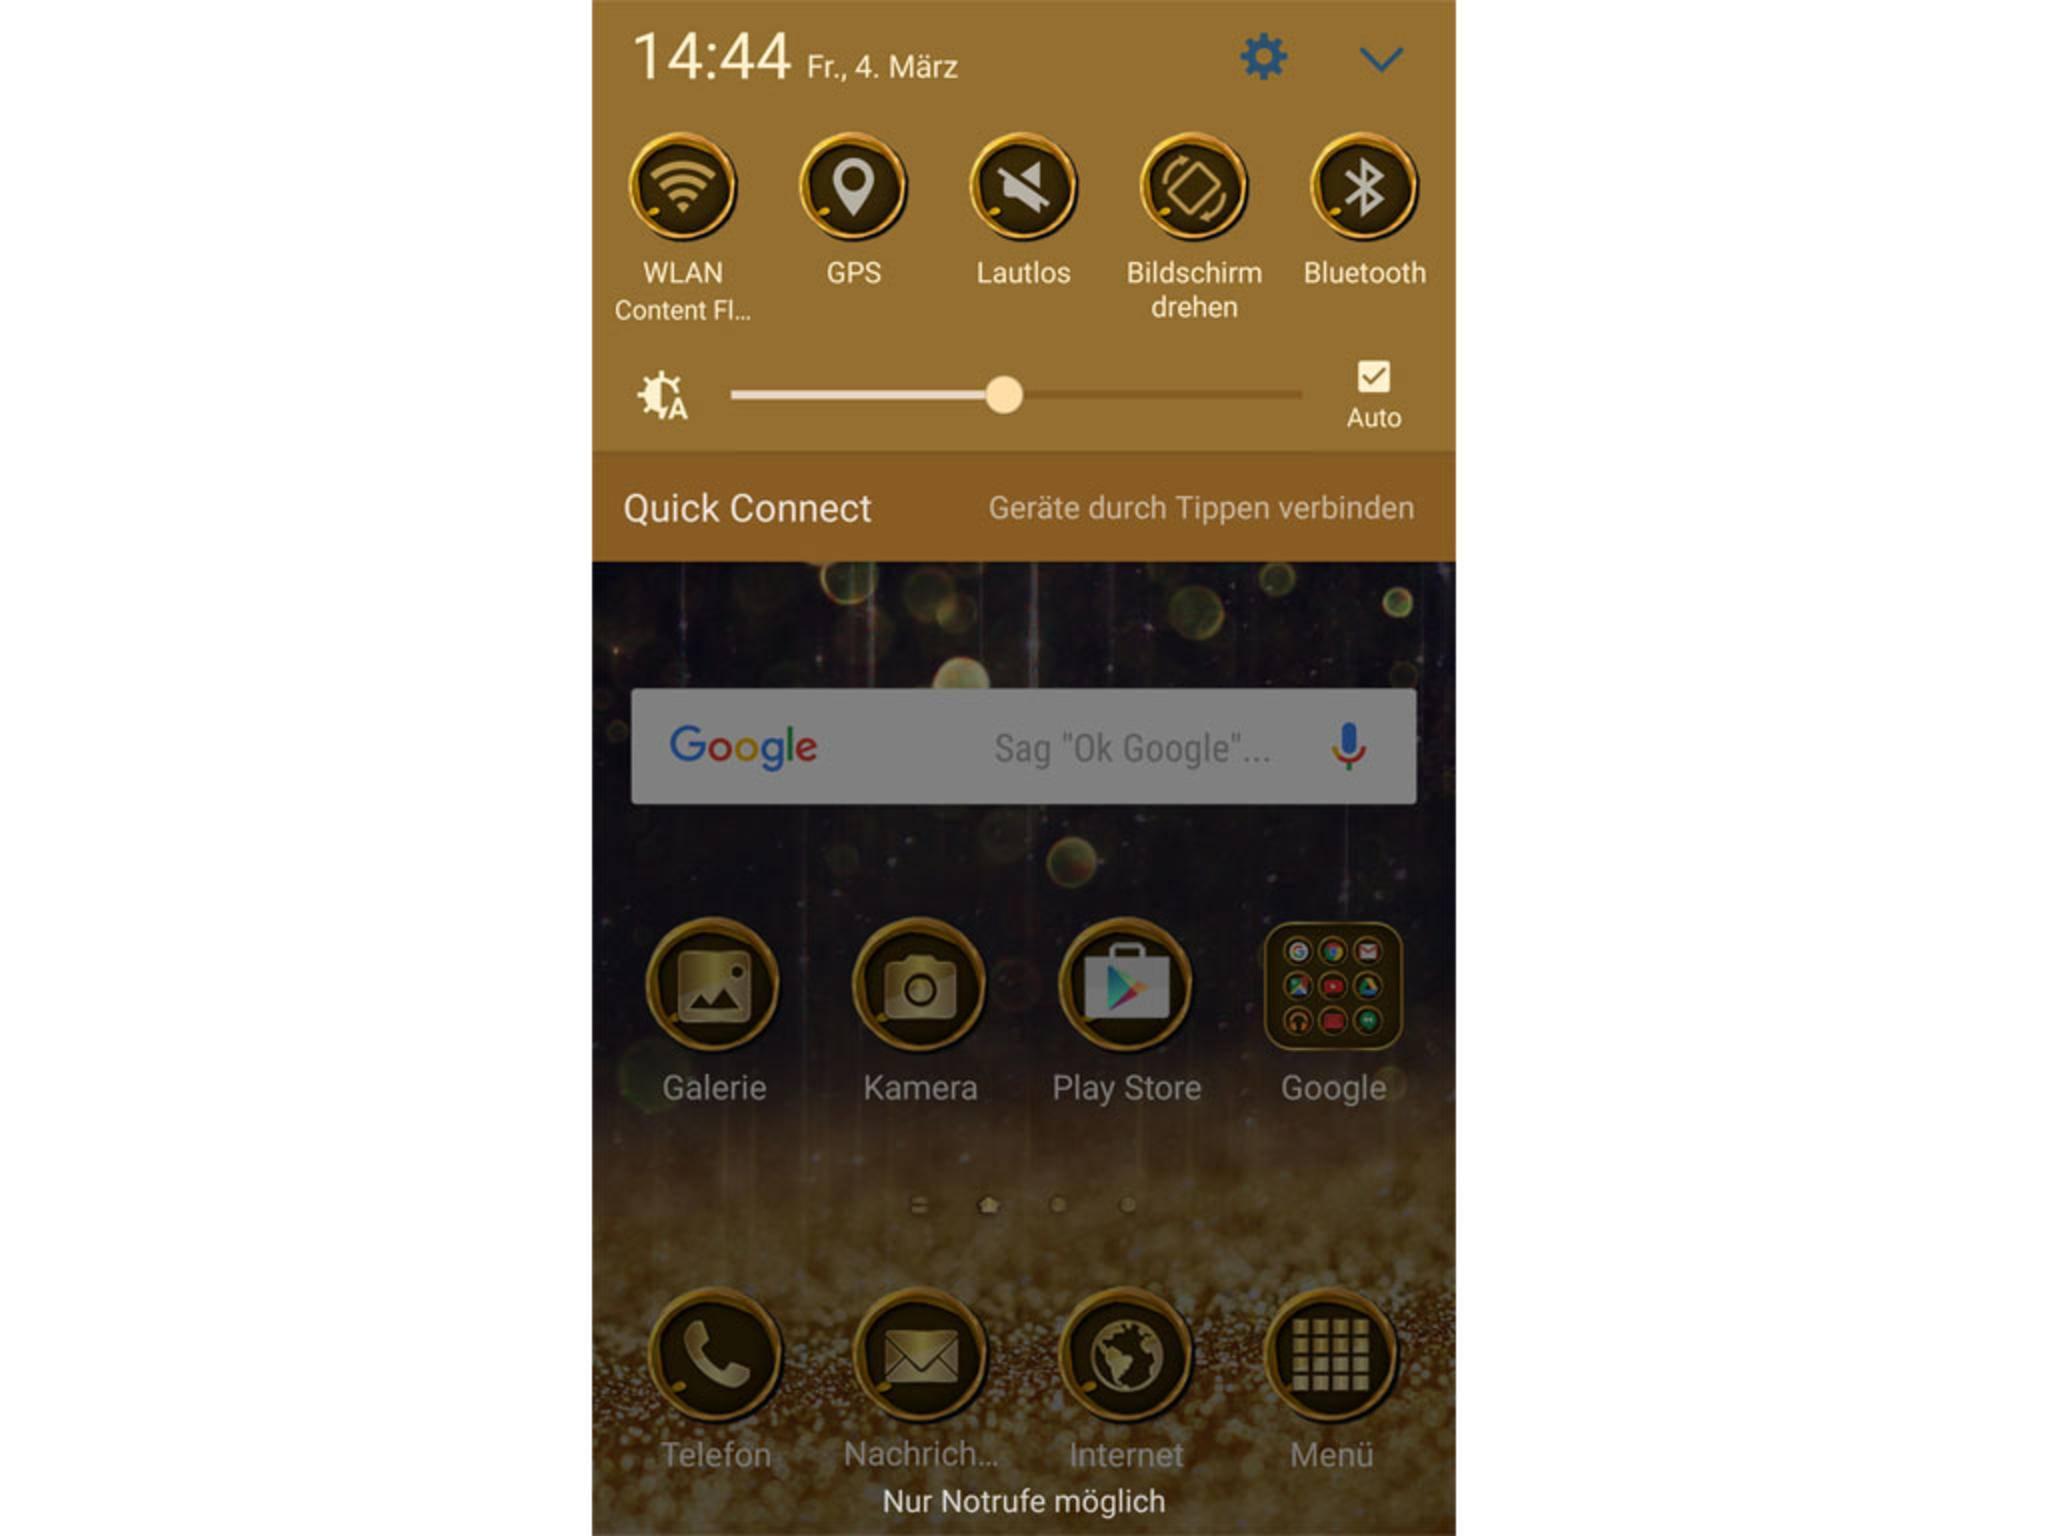 Sie verändern unter anderem Hintergrund und App-Icons des Smartphones.